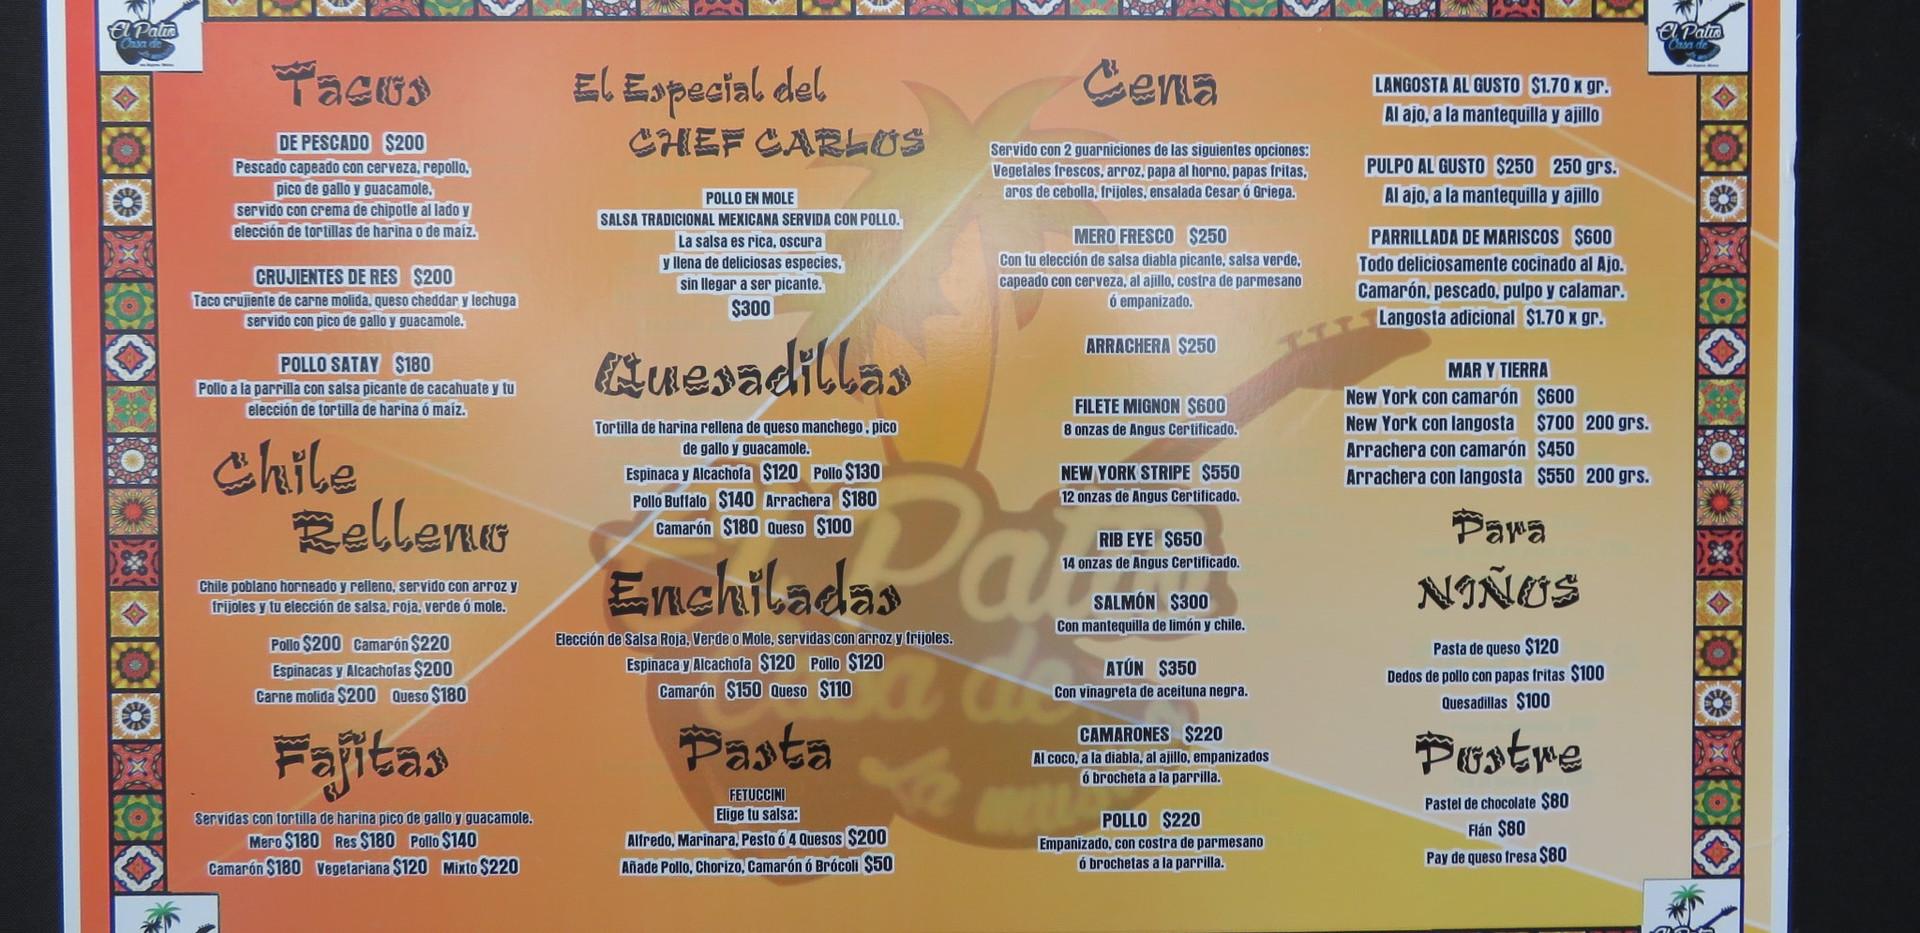 ElPatio001-tasteofisla-islamujeres-food-